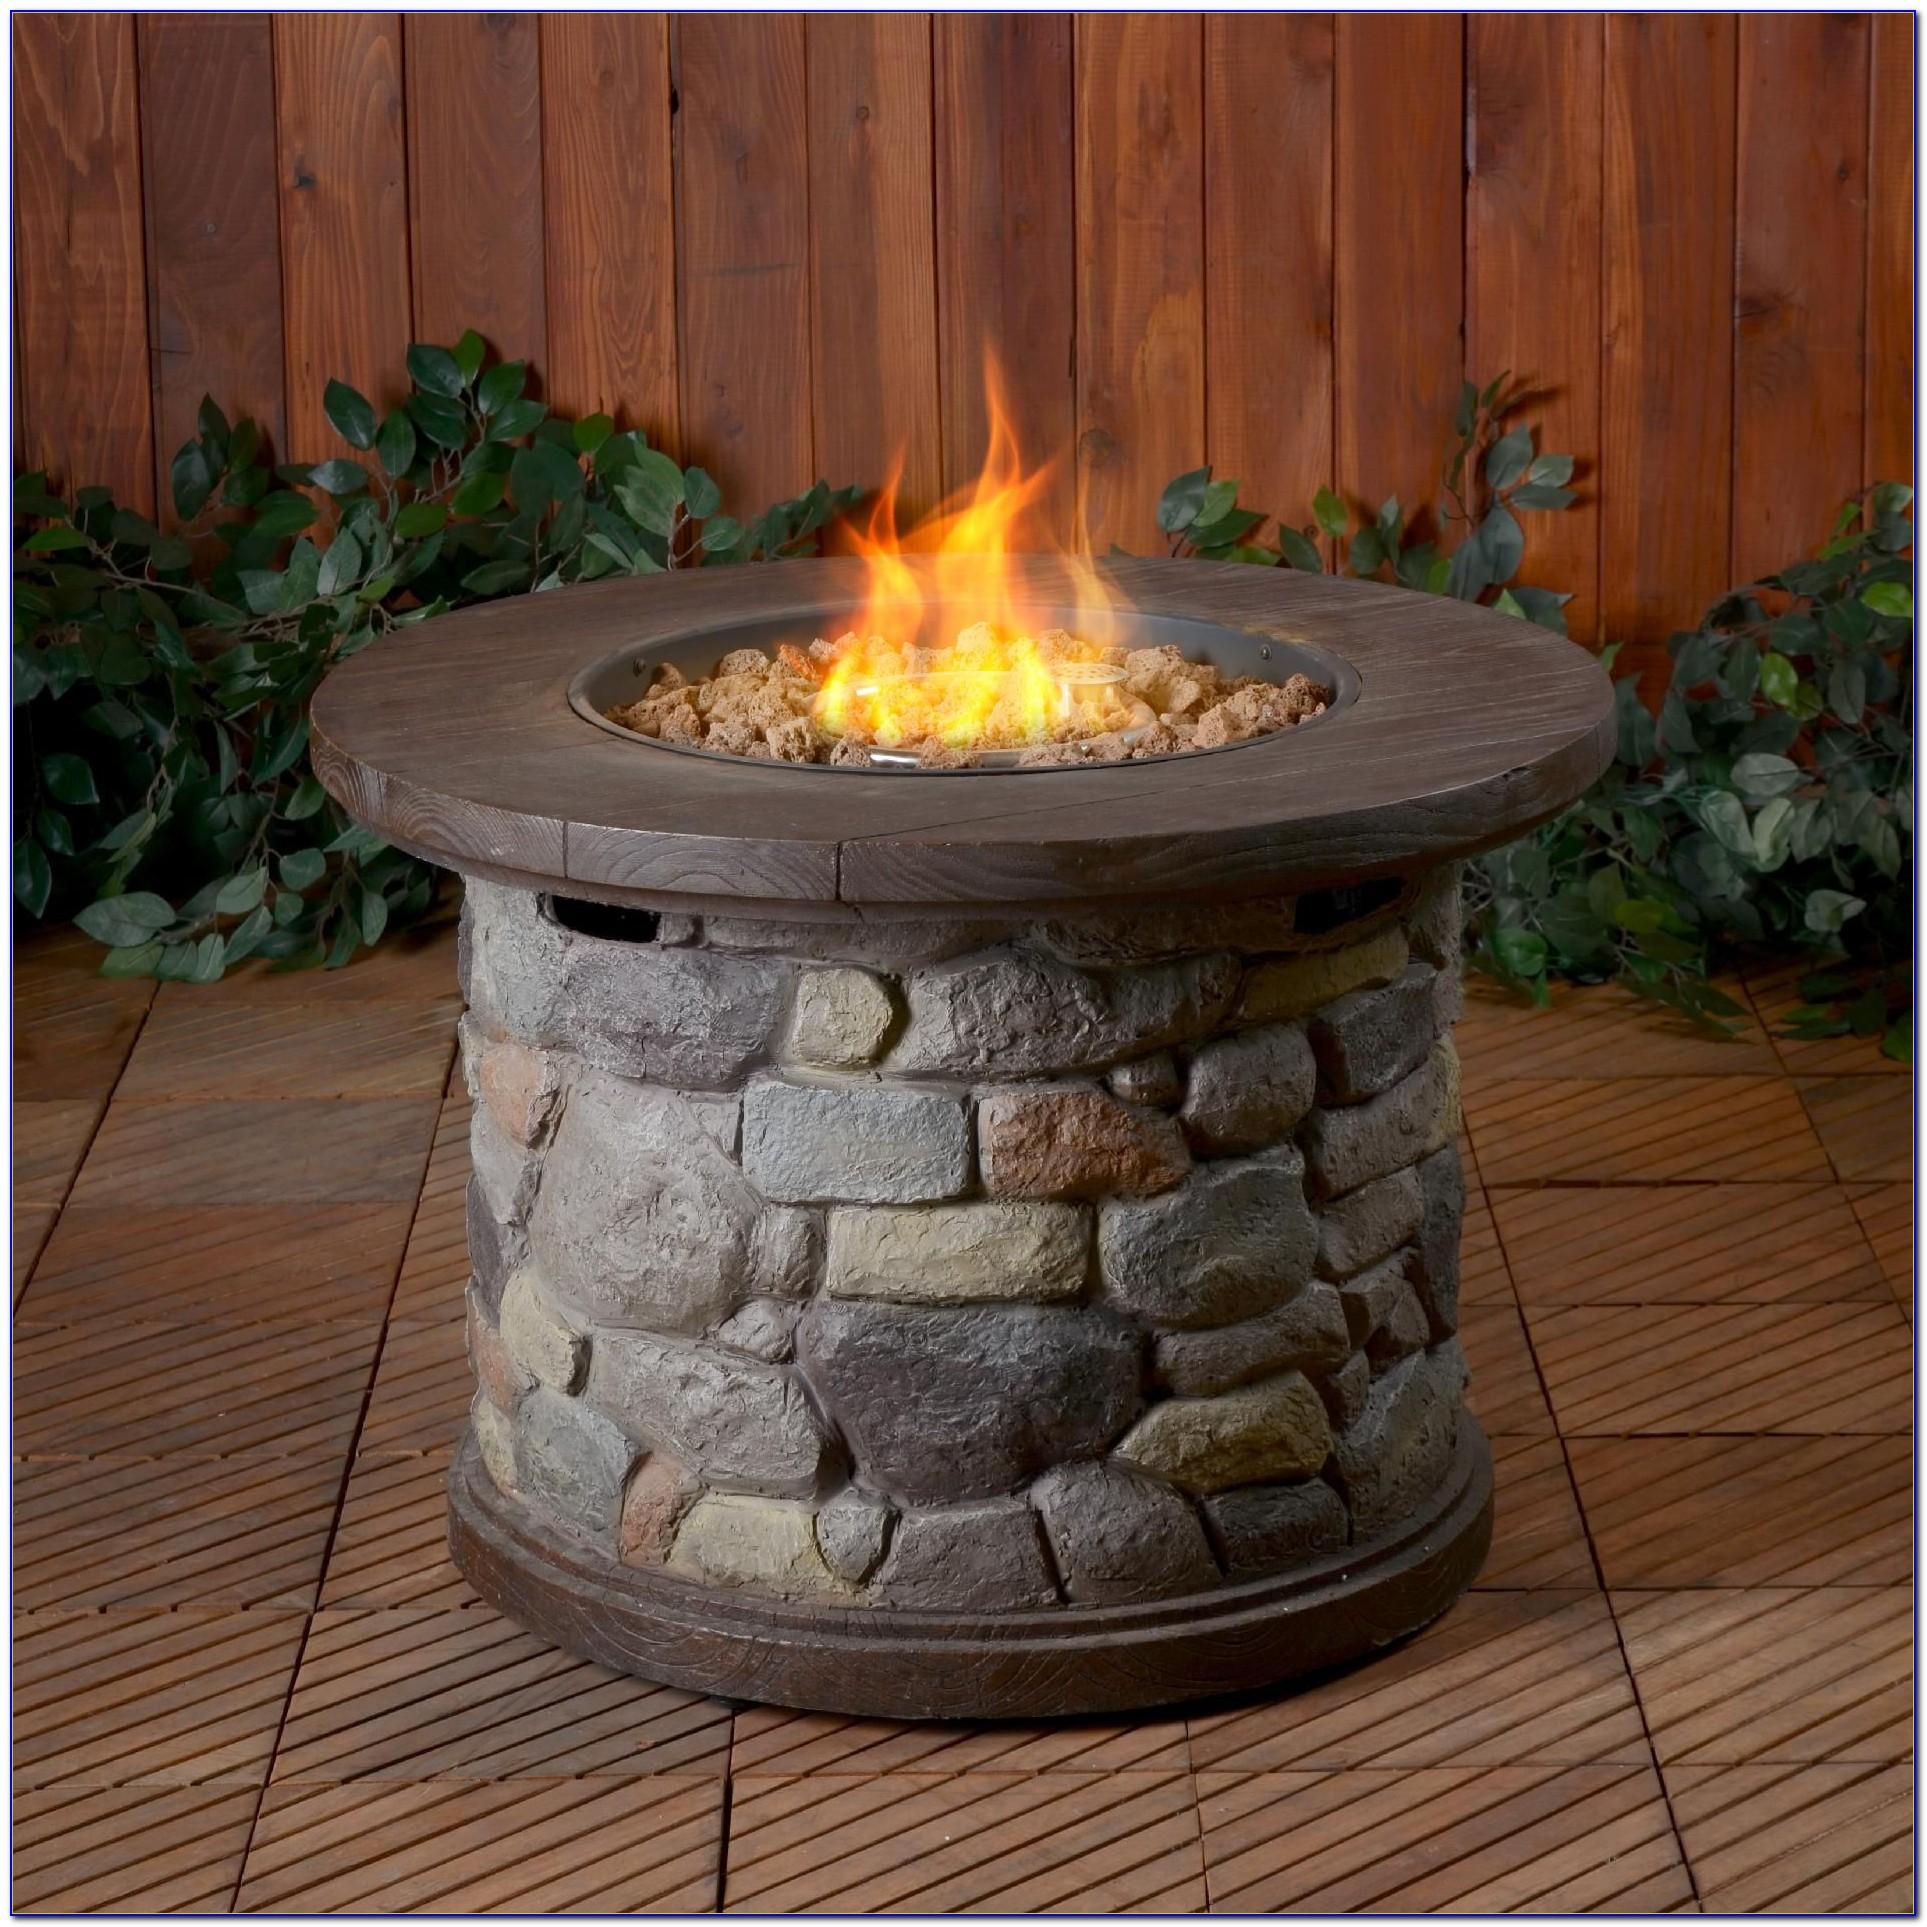 Landmann Usa Seneca Gas Tabletop Fire Pit 15 Inch ...